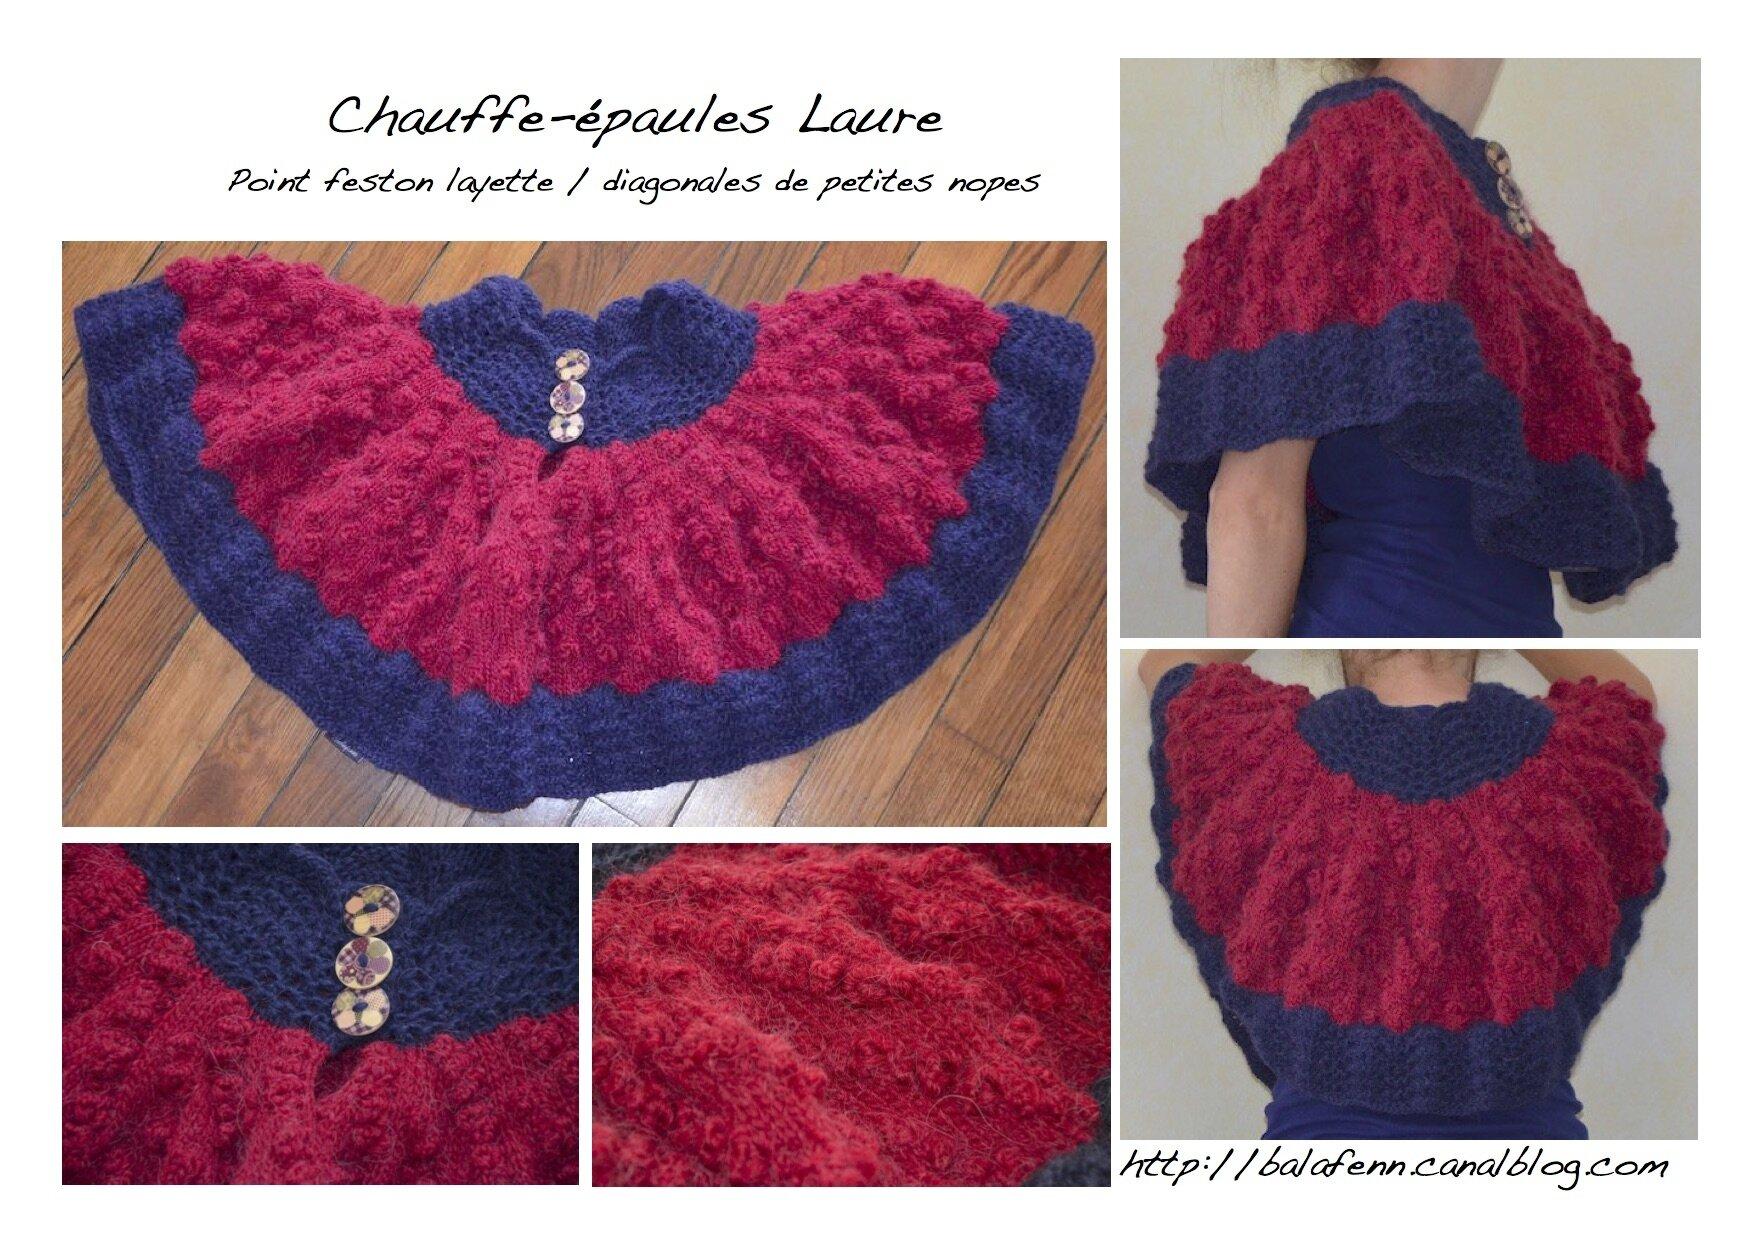 chauffe__paules_Laure